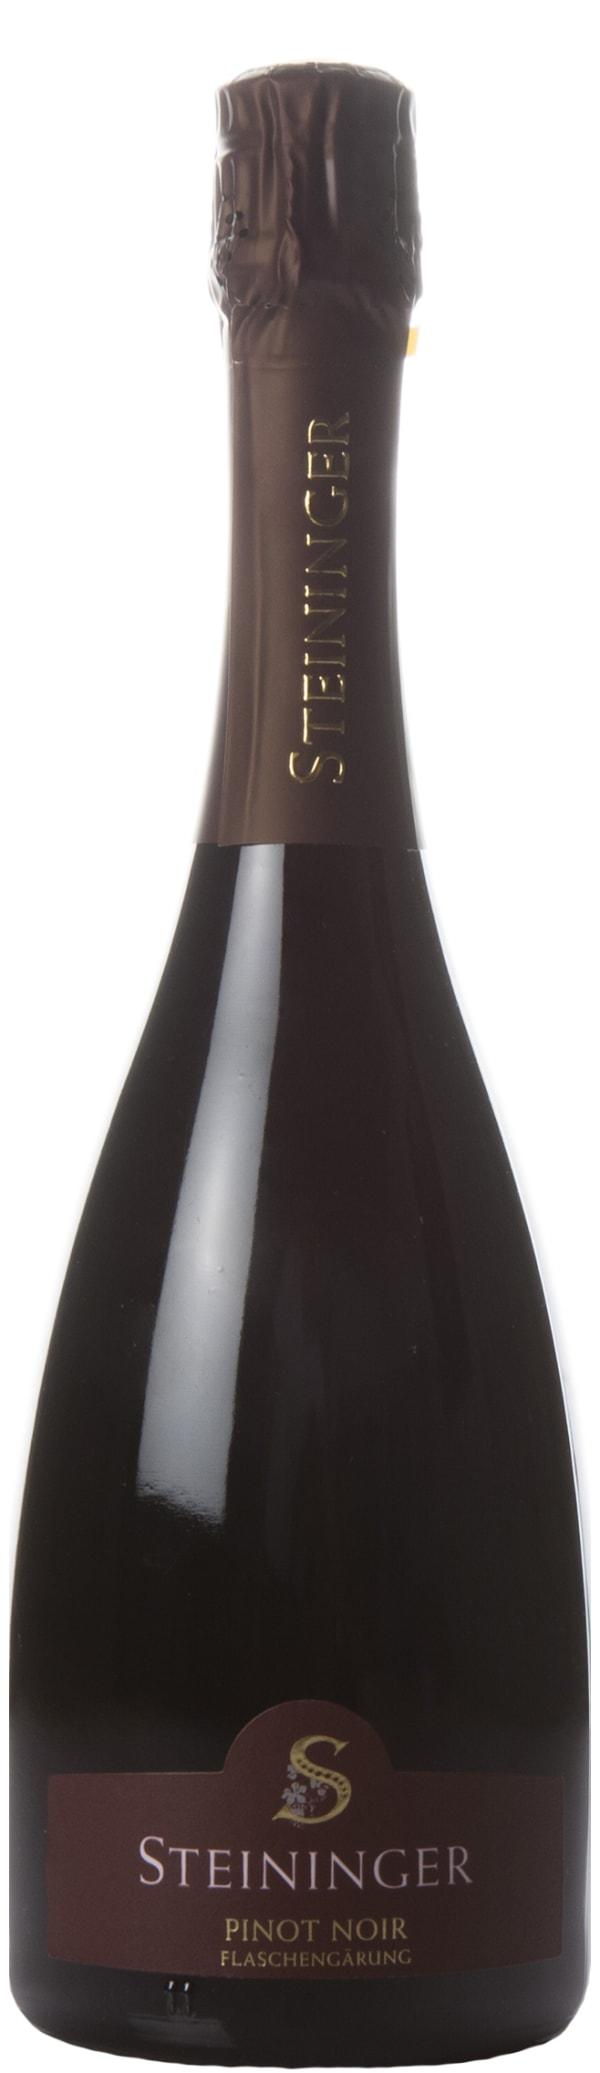 Steininger Pinot Noir Brut 2013